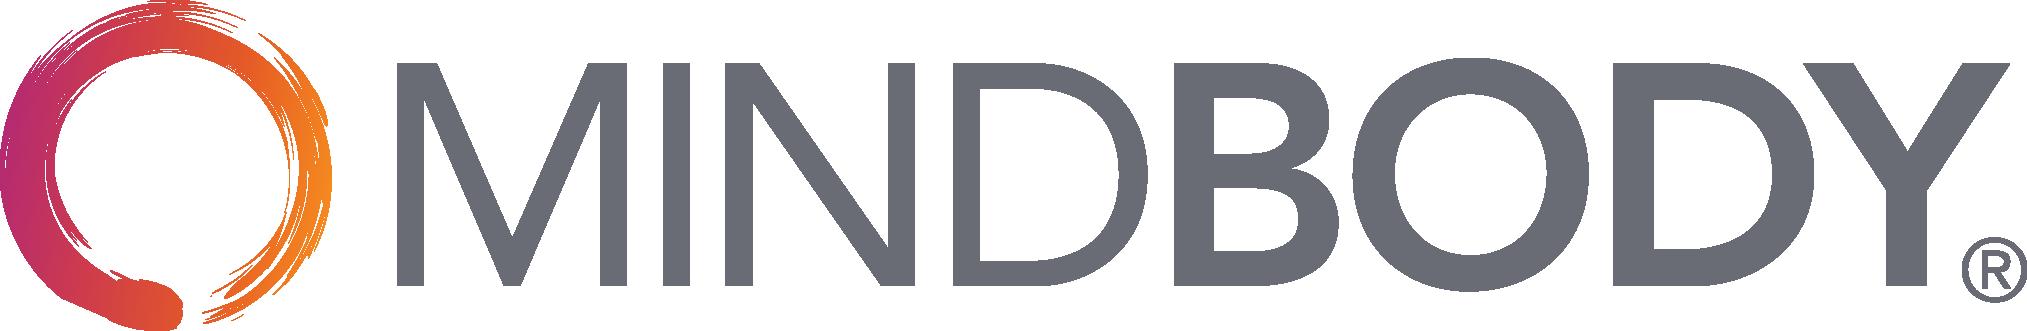 File:MINDBODY Logo.png.